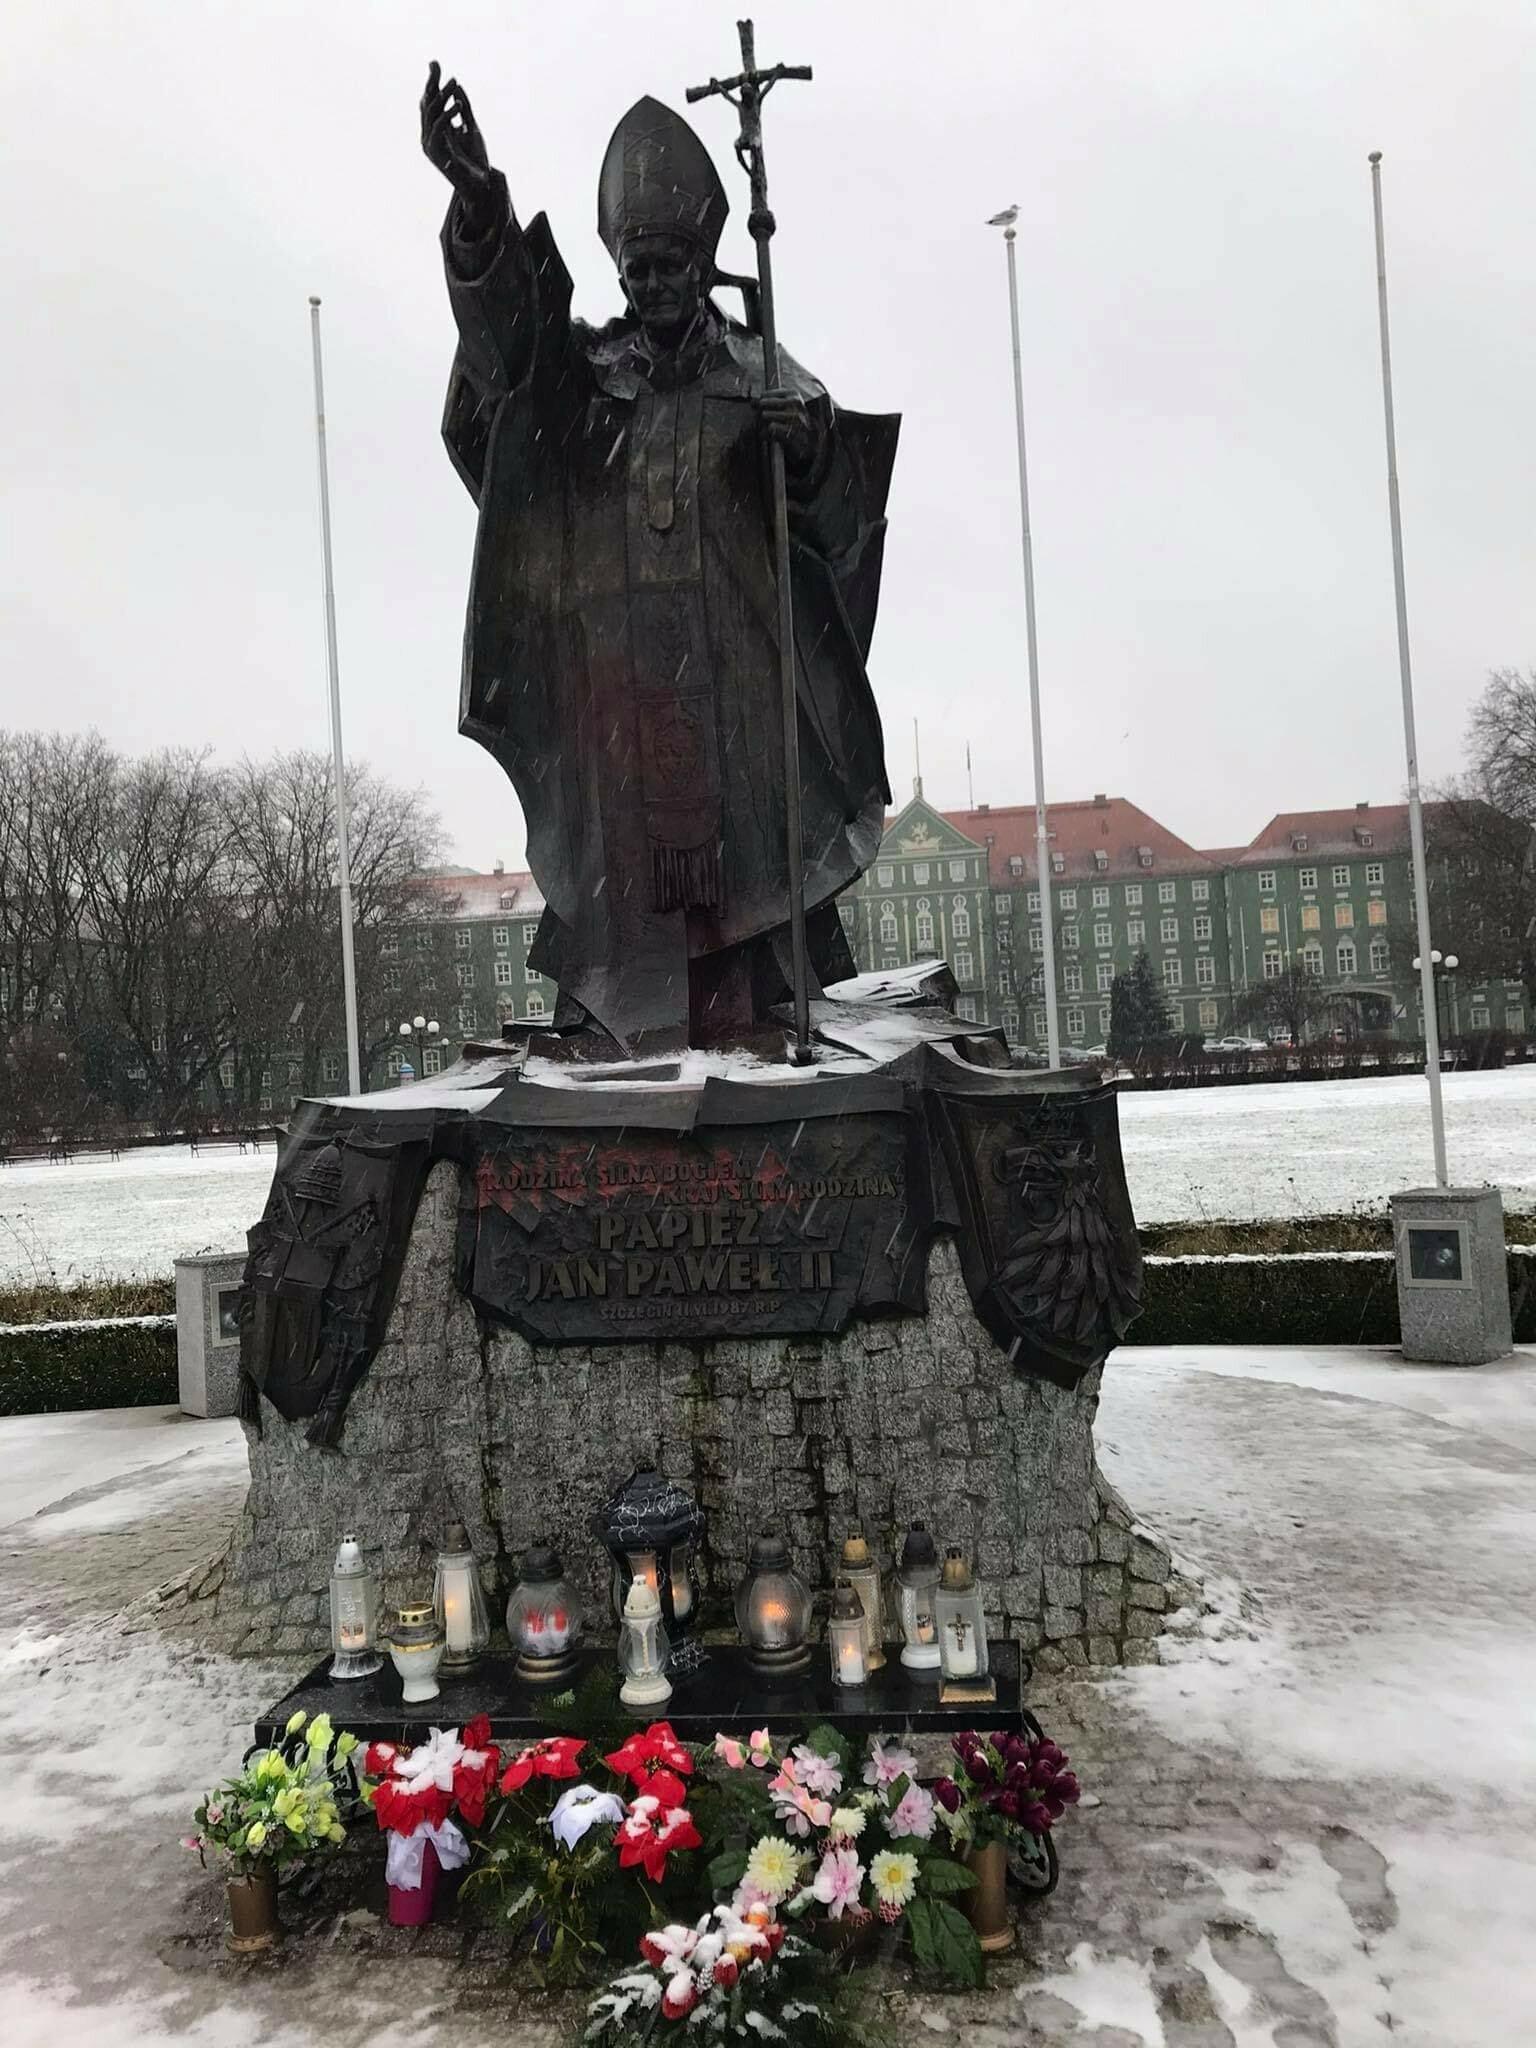 Pomnik Jana Pawła II w Szczecinie